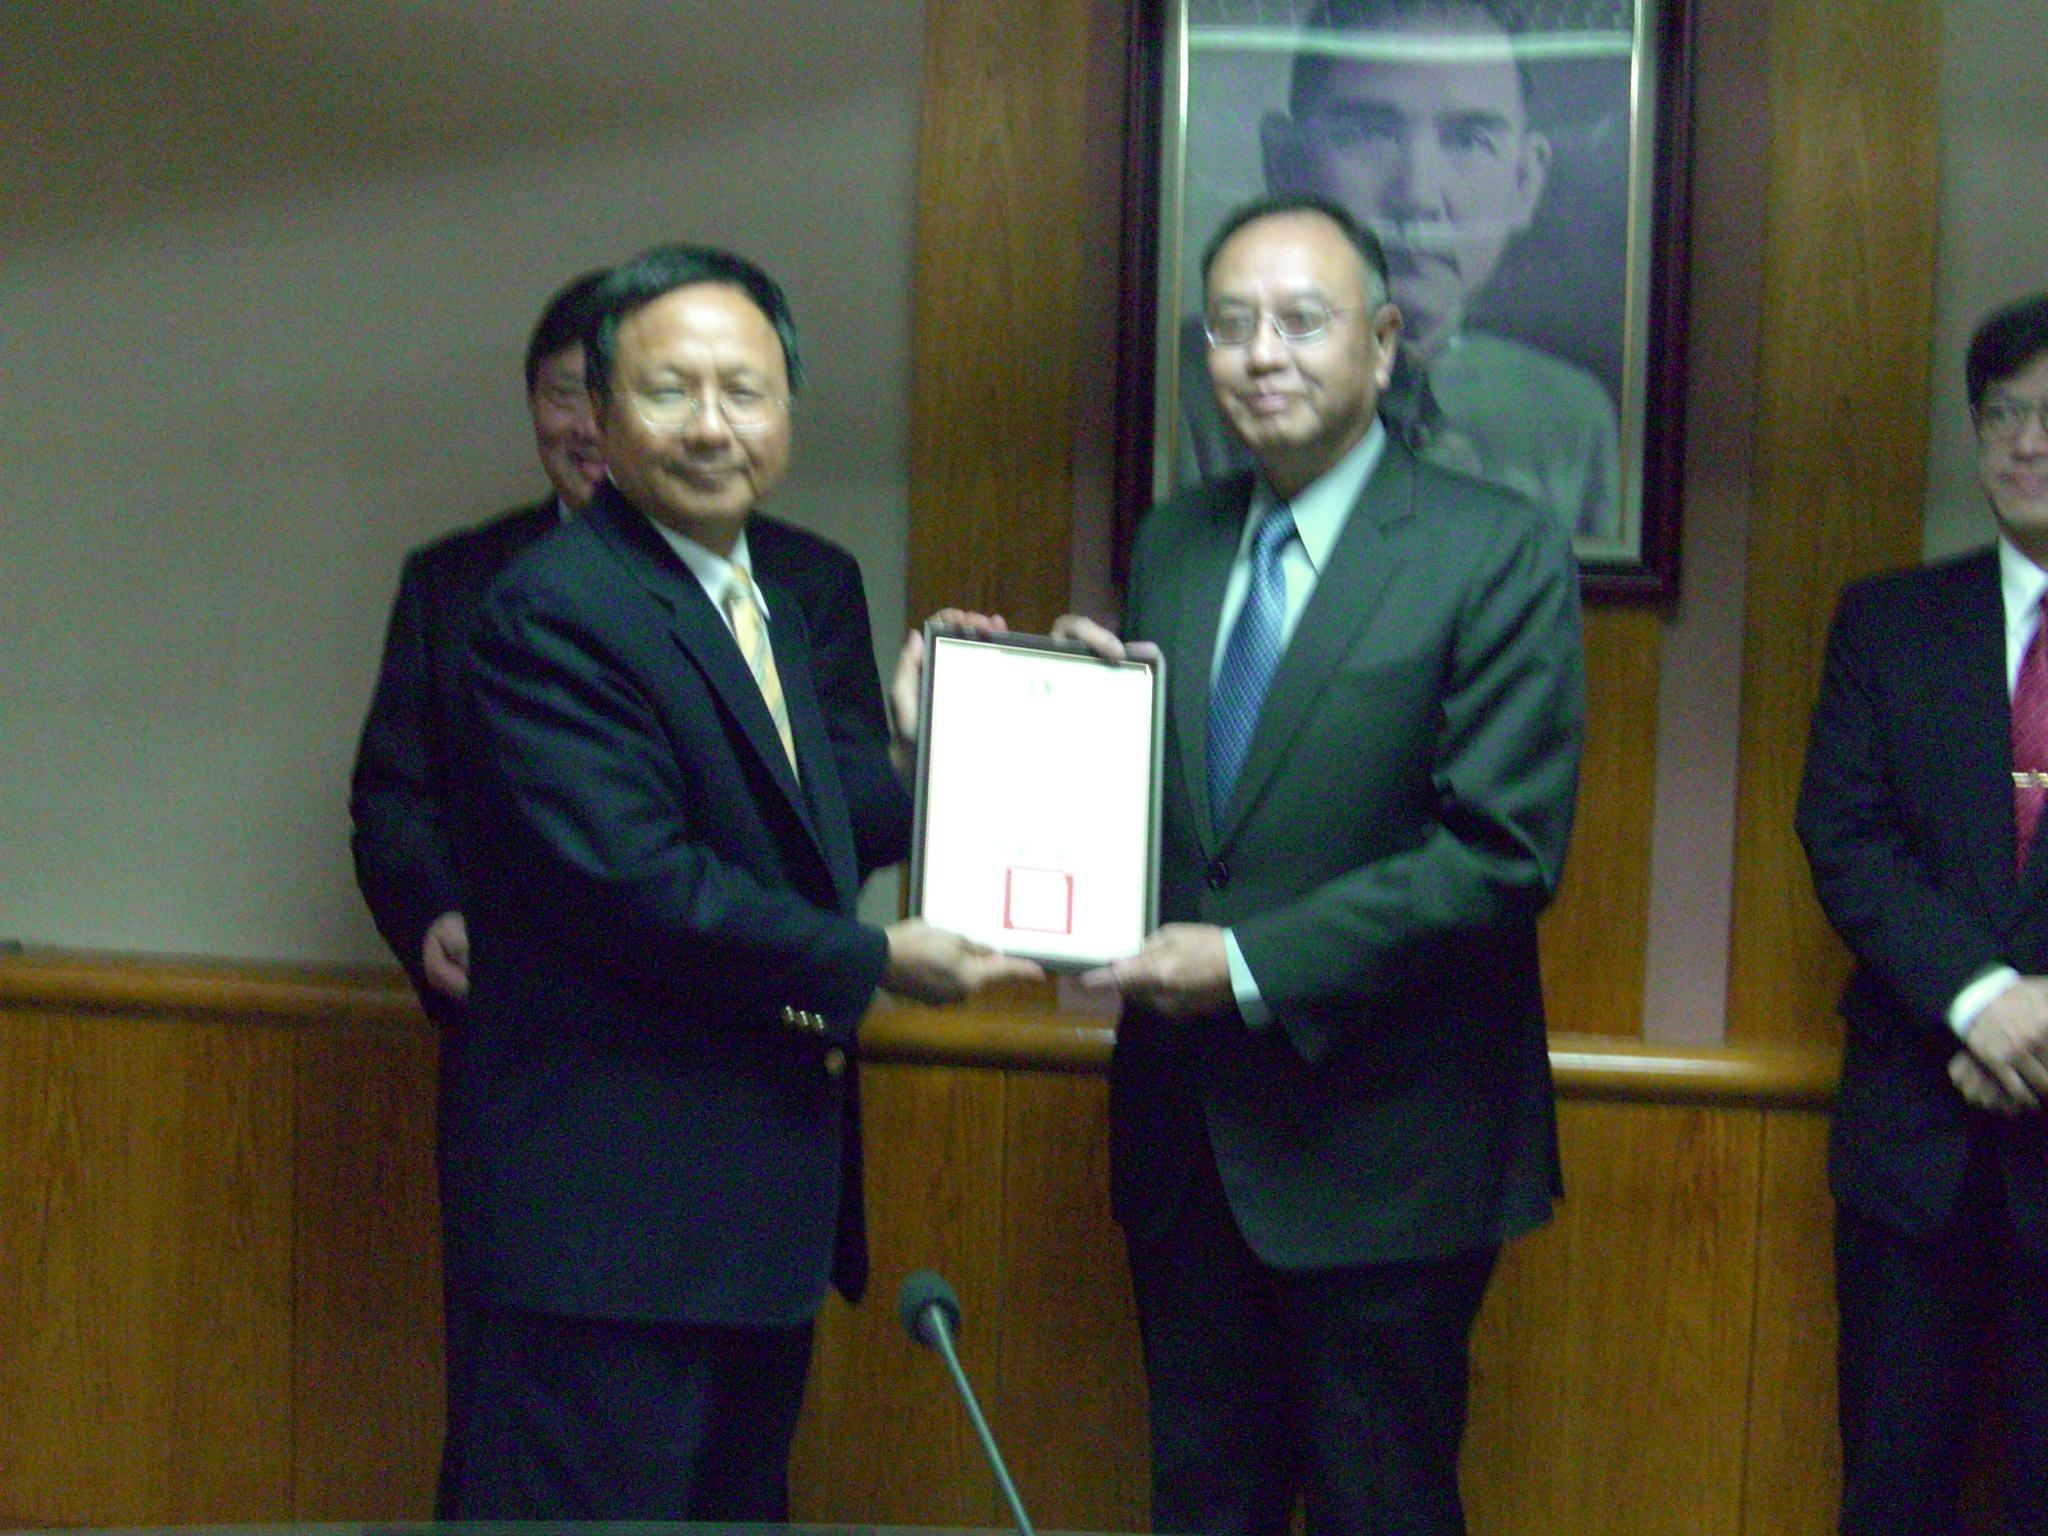 中原大學榮獲教育部產學合作績優學校表揚 獲頒130萬元獎勵金